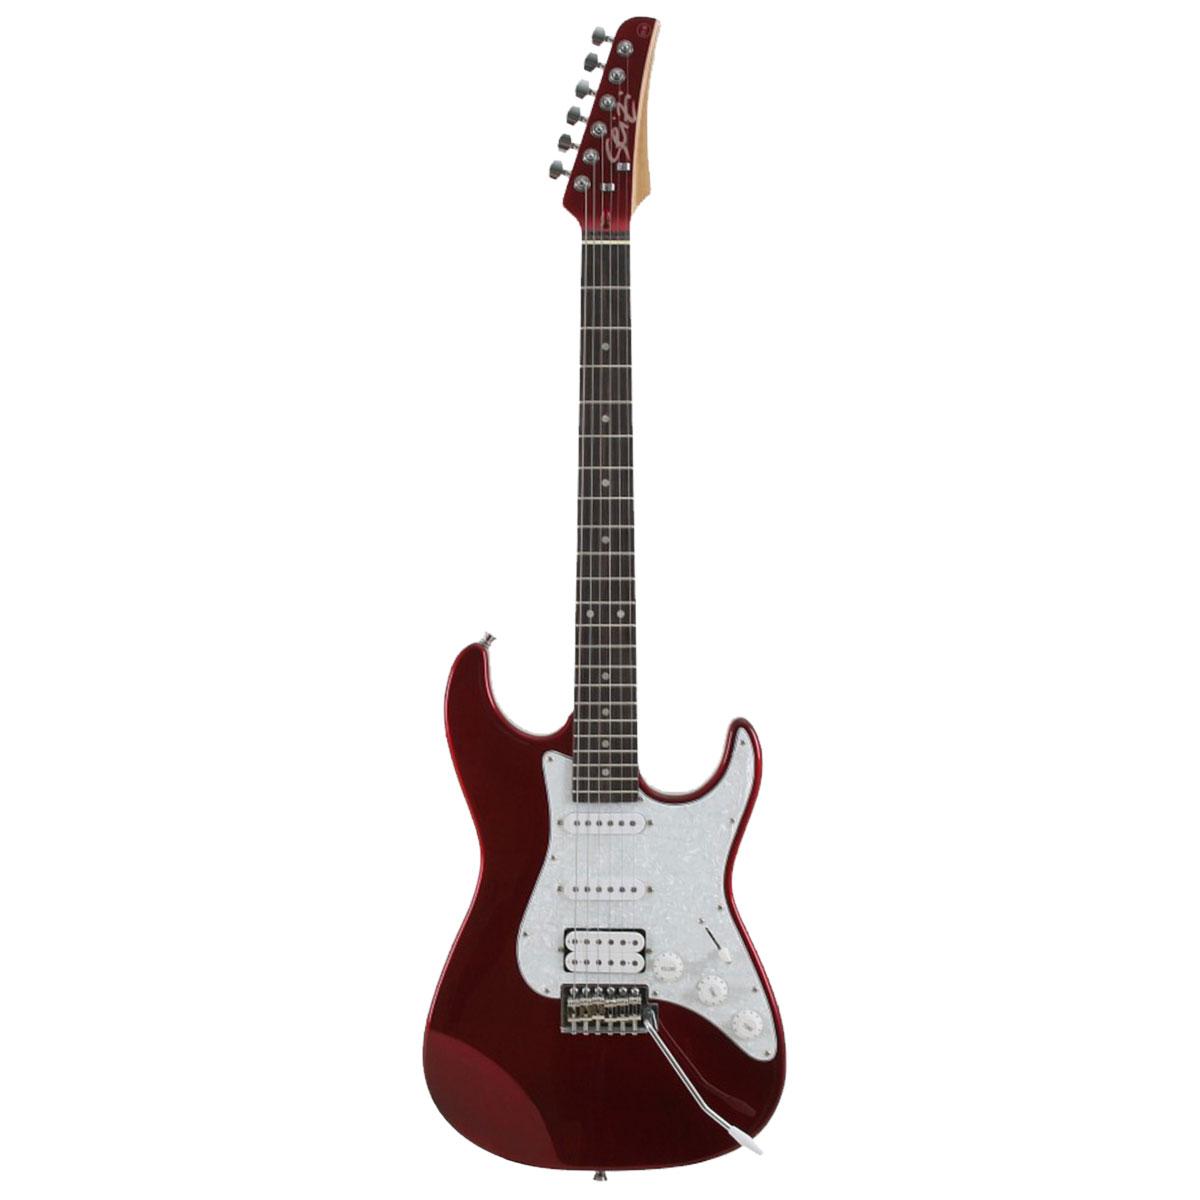 Guitarra Stone Metallic Red Seizi c/ Escudo Branco Perolado - Seizi